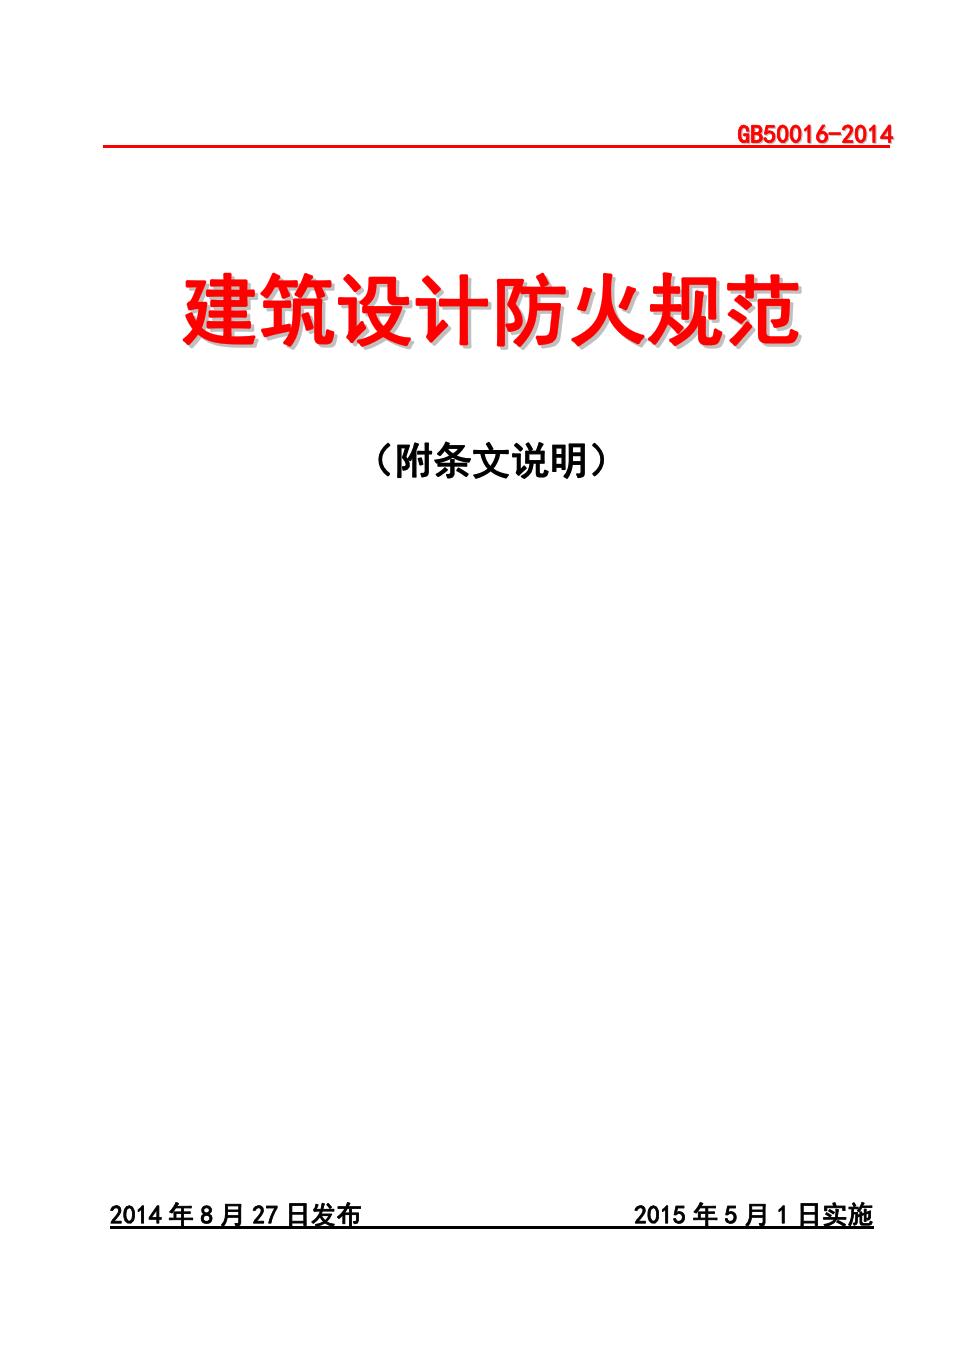 《建筑设计防火规范gb-50016-2014》(附条文说明)简约的建筑六合无绝对片